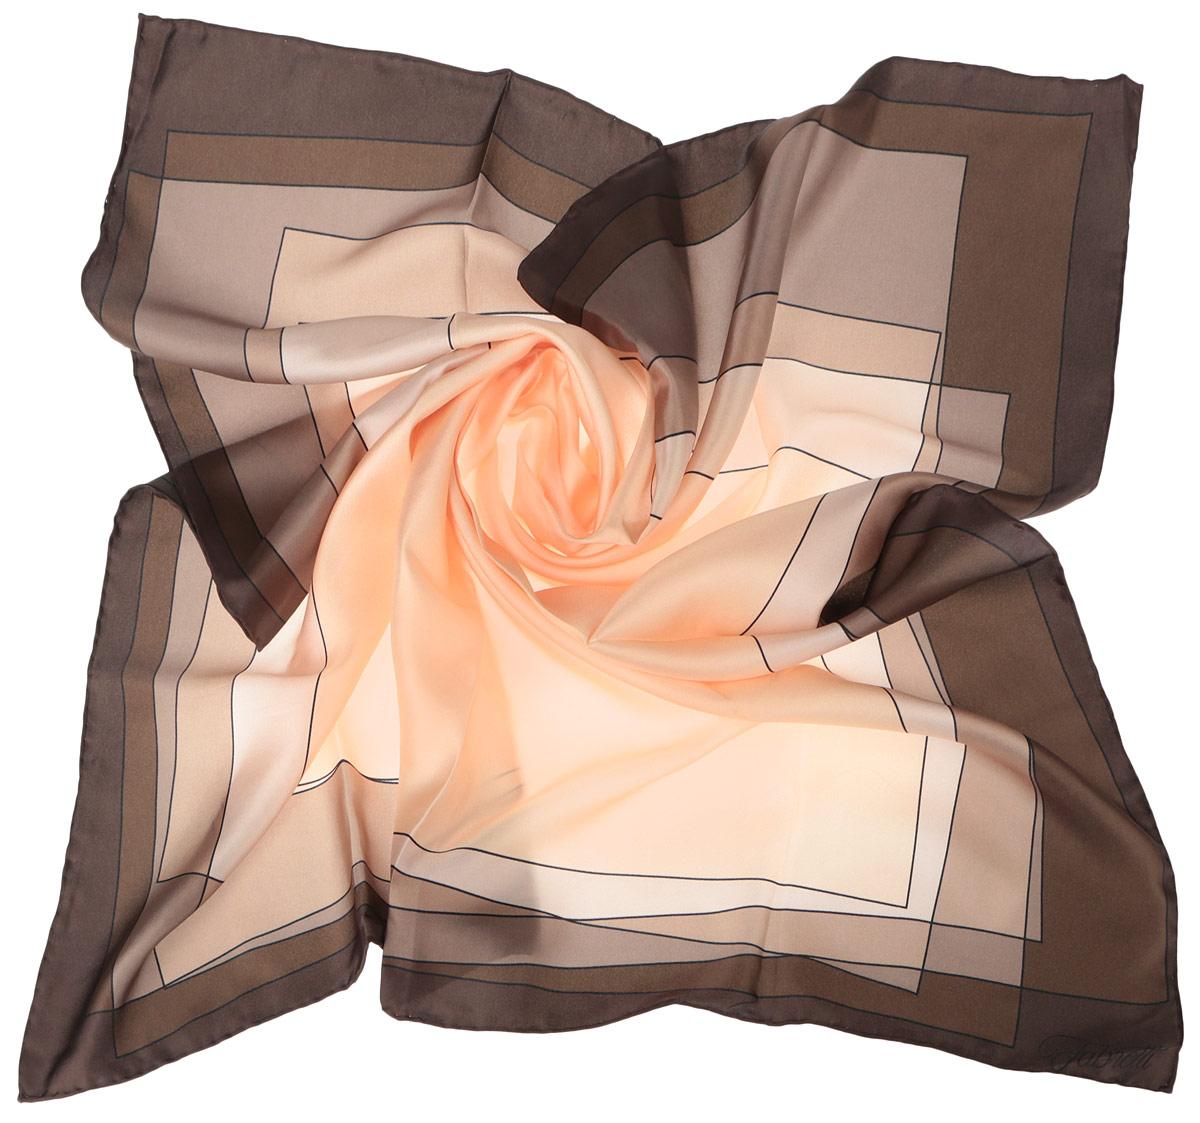 Платок женский. CX1516-47CX1516-47-4Стильный женский платок Fabretti станет великолепным завершением любого наряда. Платок изготовлен из высококачественного шелка и оформлен принтом с изображением оригинального цветового градиента. Классическая квадратная форма позволяет носить платок на шее, украшать им прическу или декорировать сумочку. Мягкий и шелковистый платок поможет вам создать изысканный женственный образ, а также согреет в непогоду. Такой платок превосходно дополнит любой наряд и подчеркнет ваш неповторимый вкус и элегантность.